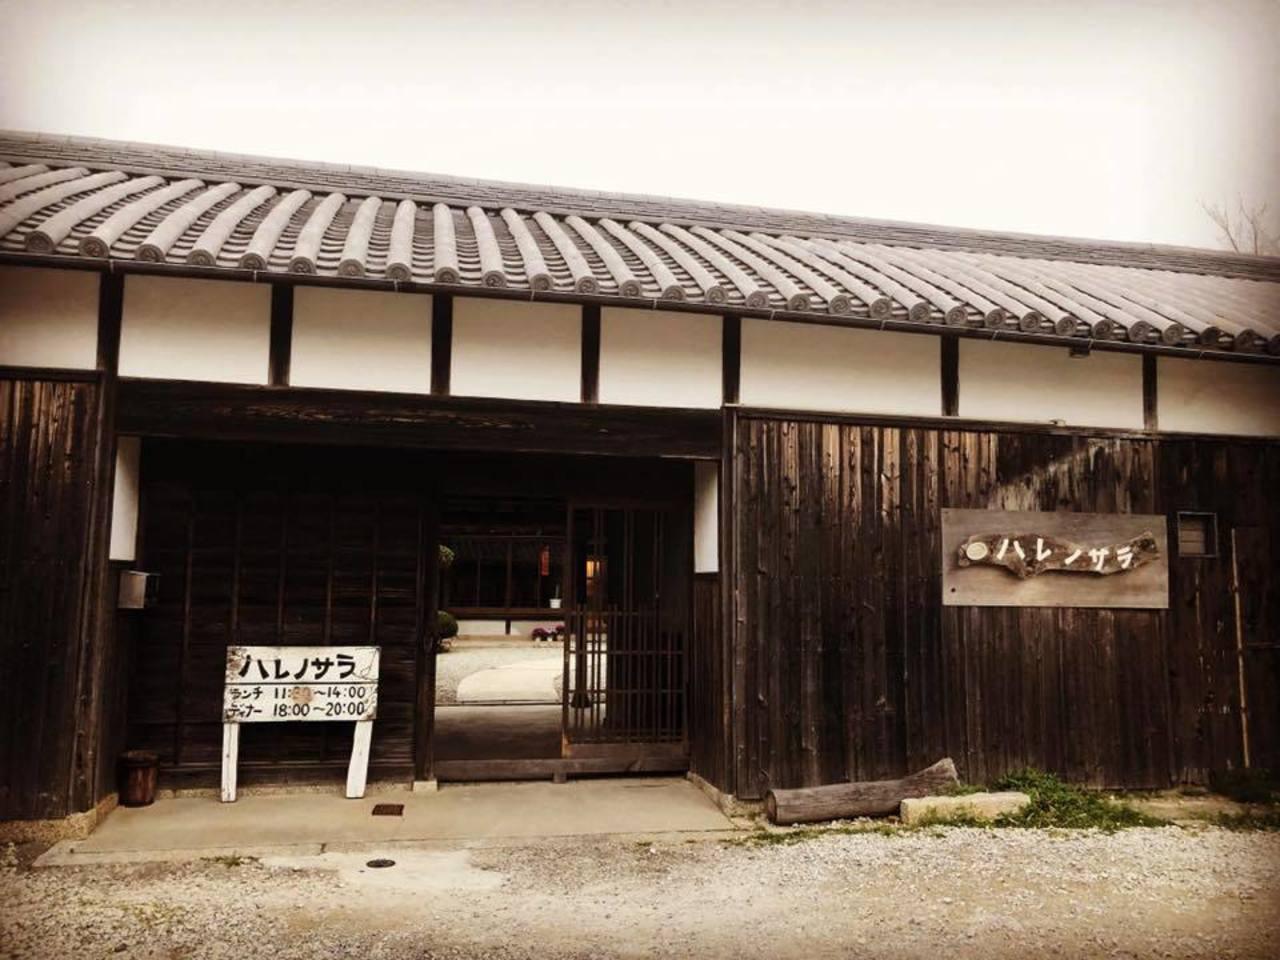 カラダにいいもの召し上がれ 。。。兵庫県淡路市木曽上の古民家レストラン『ハレノサラ』